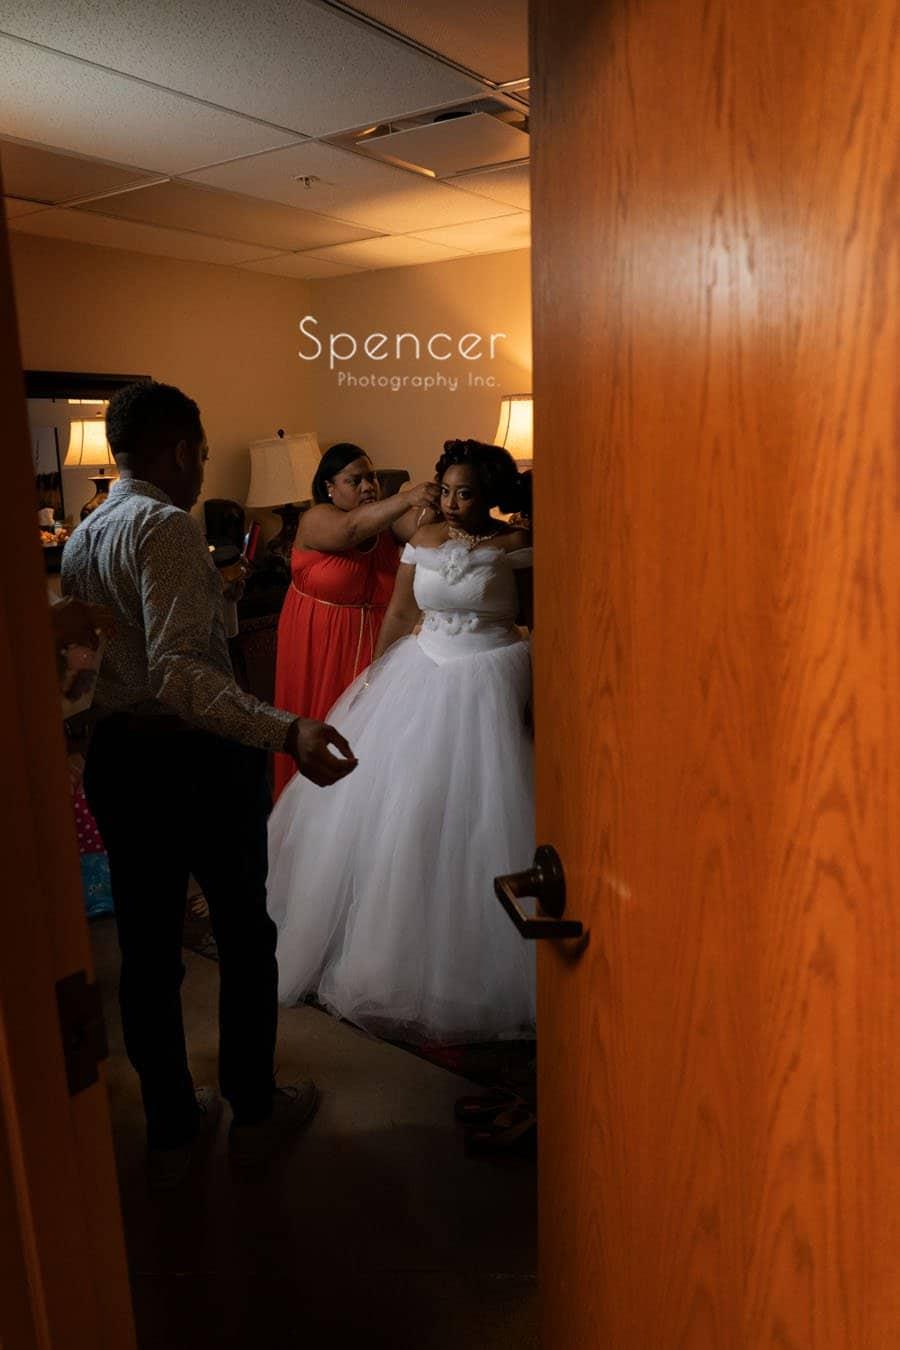 picture thru door of bride putting on wedding dress